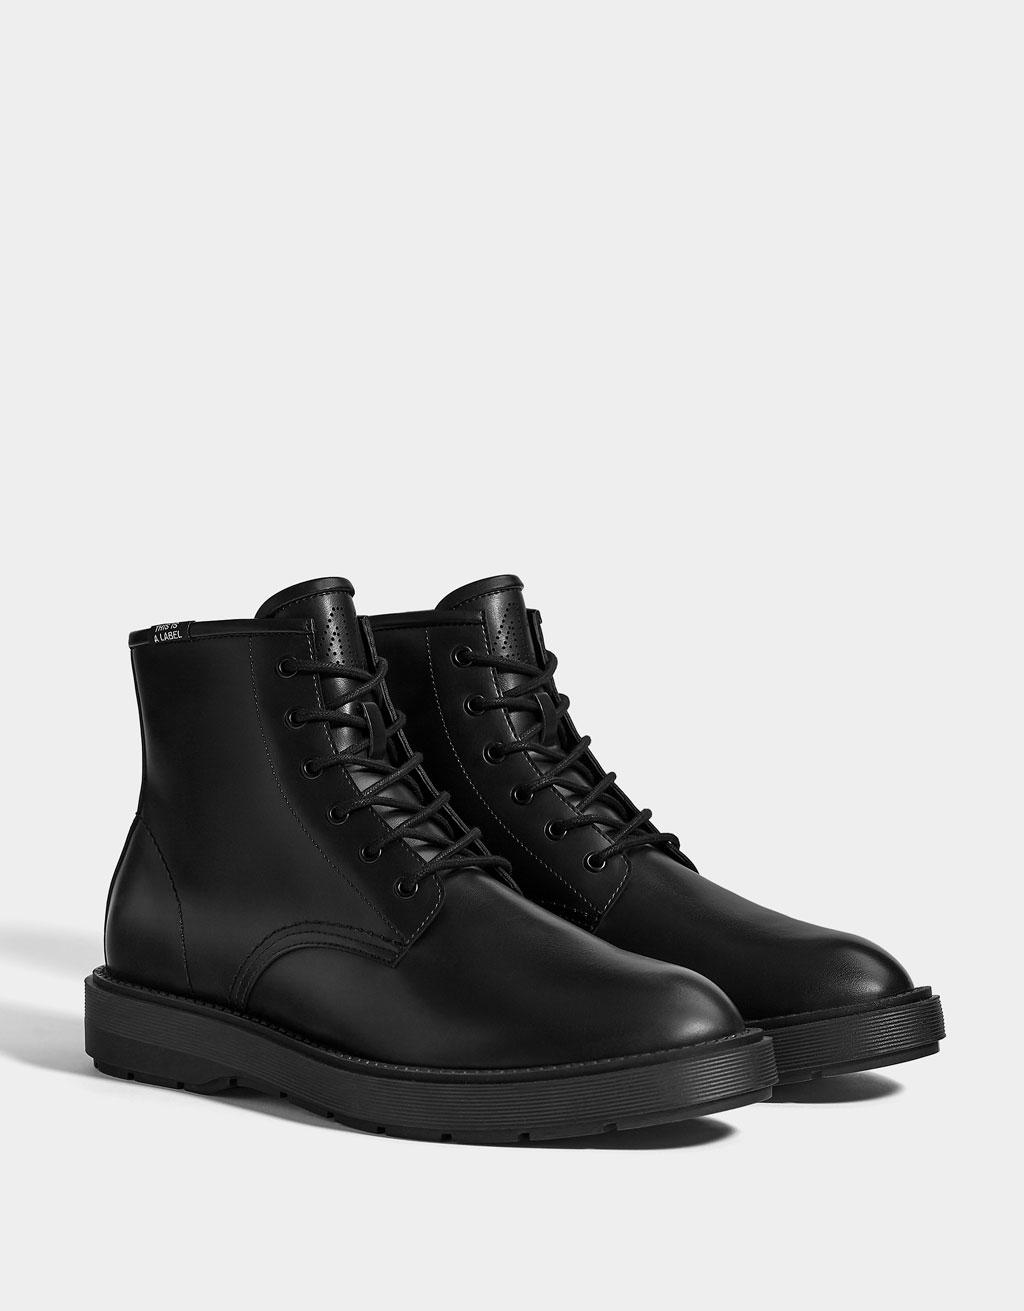 Išeiginiai vyriški auliniai batai